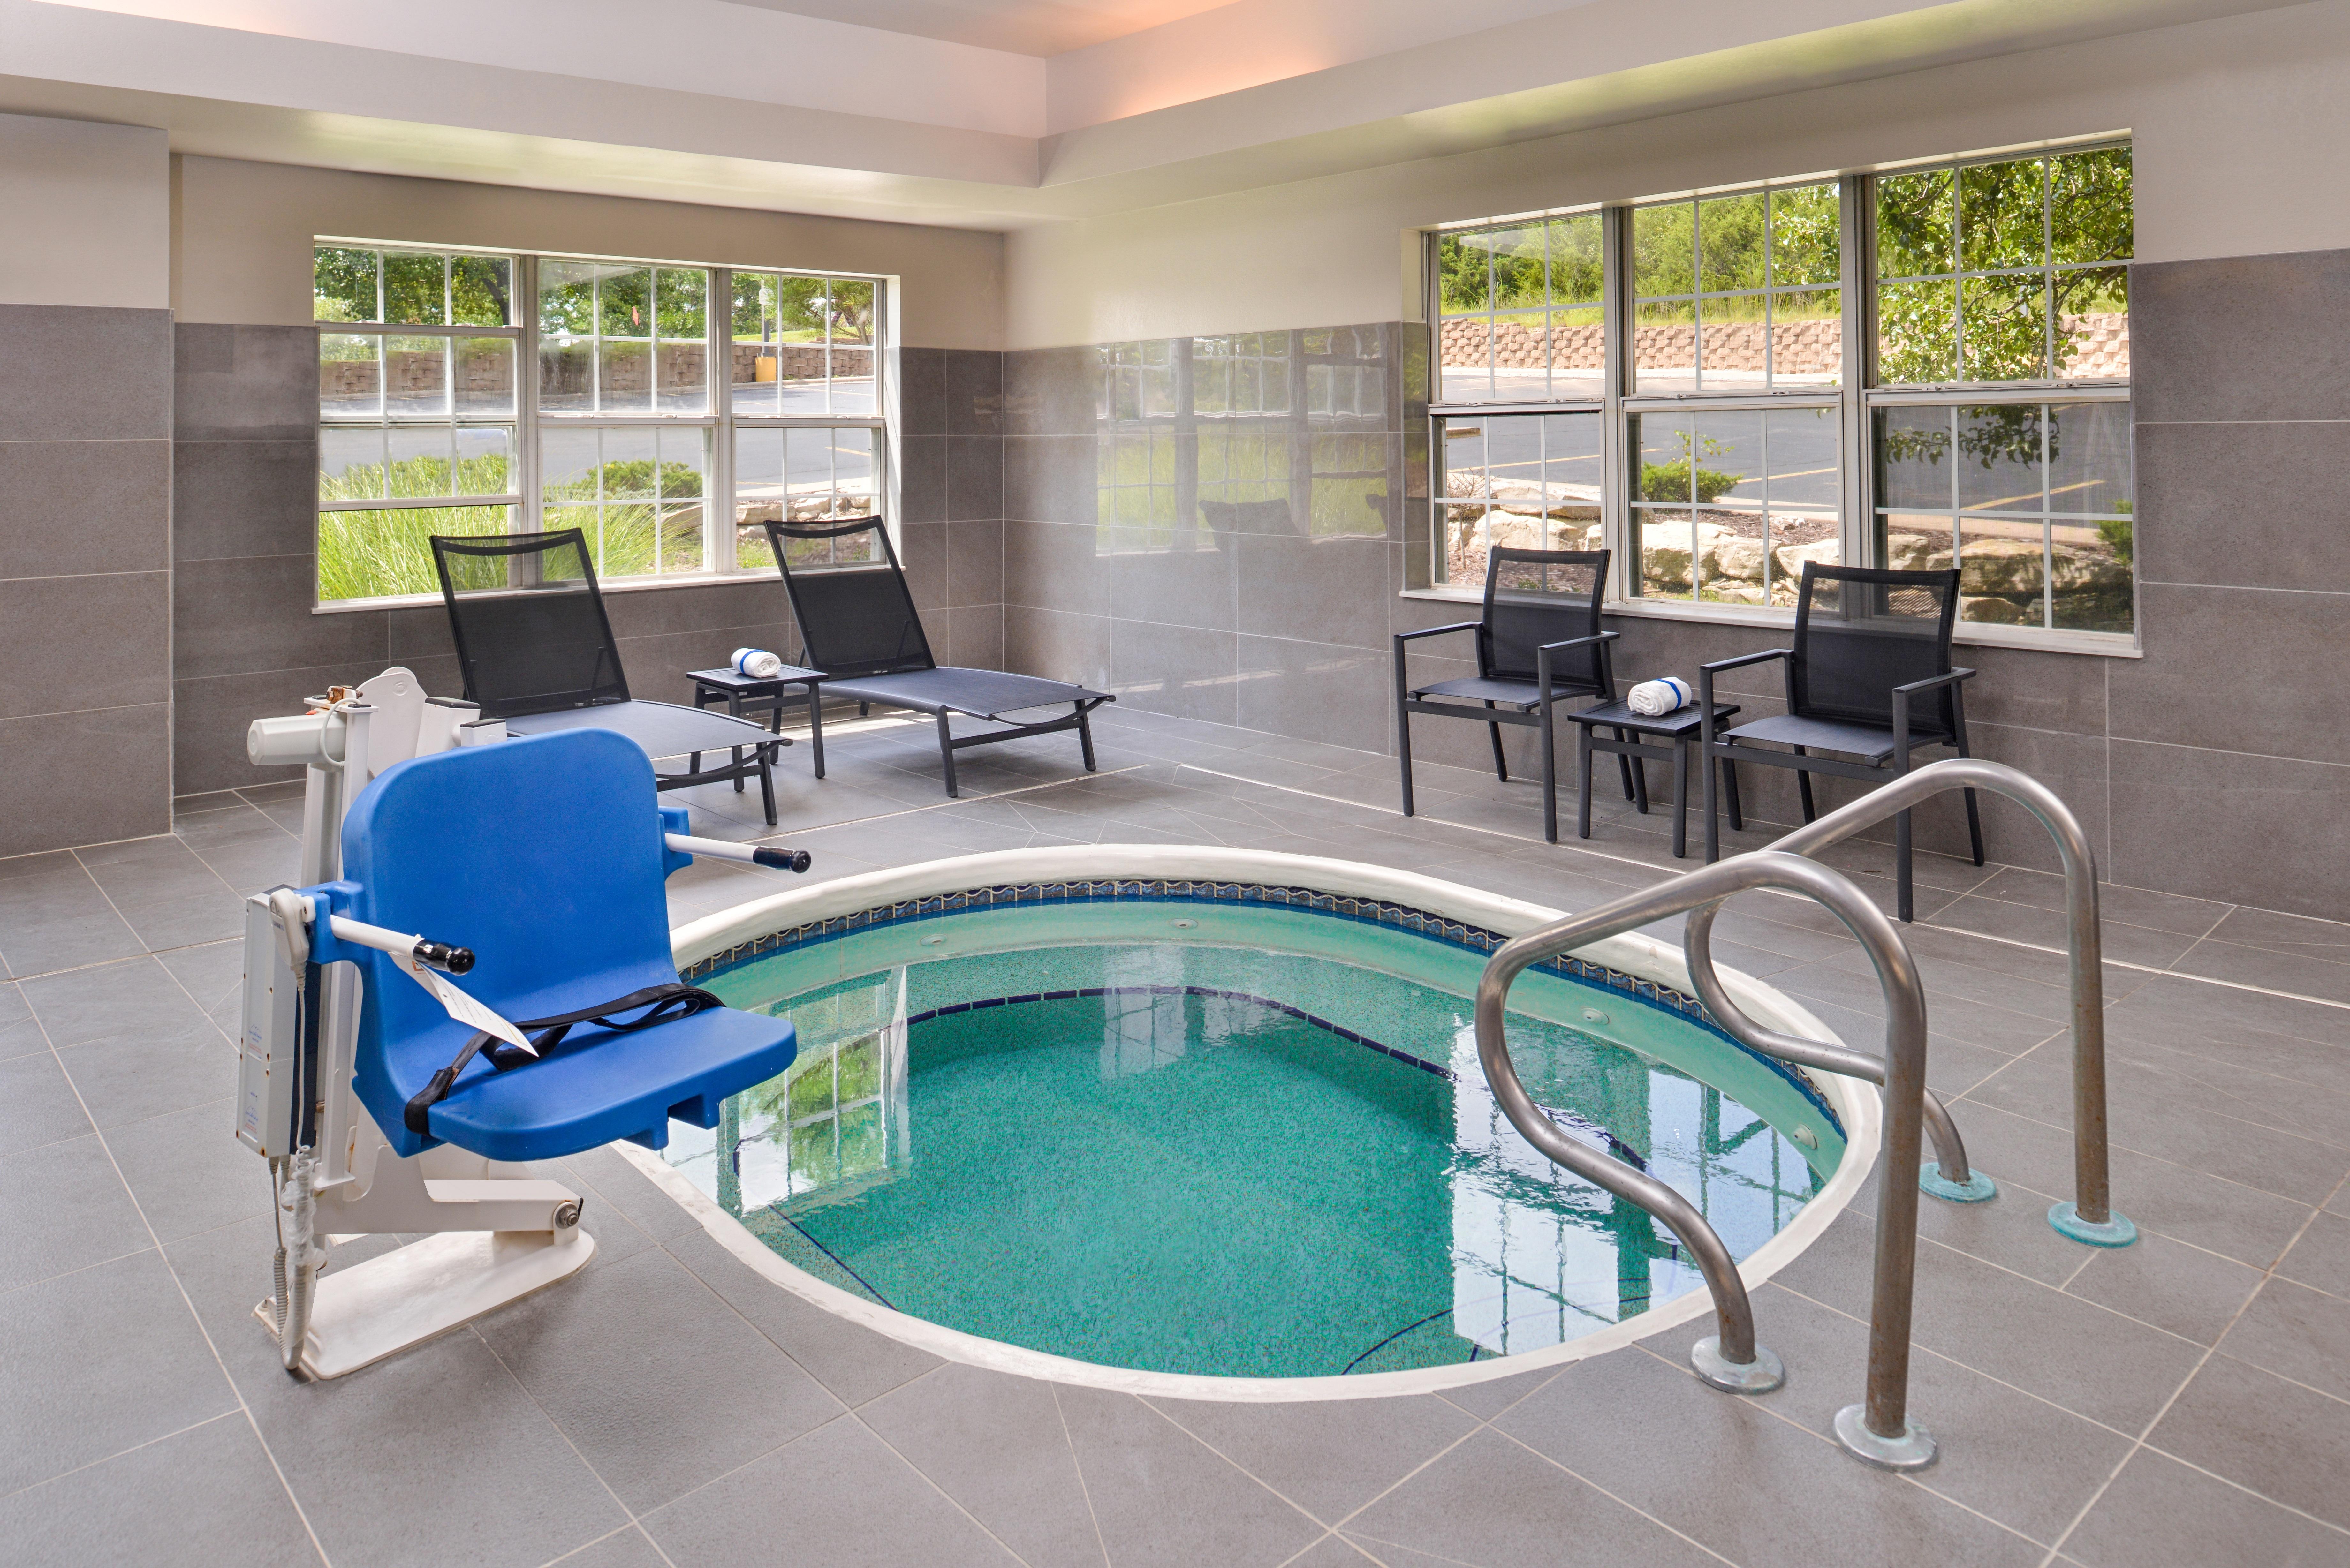 https://www.hotelsbyday.com/_data/default-hotel_image/3/15401/ri-sgfbr-pool2.jpg